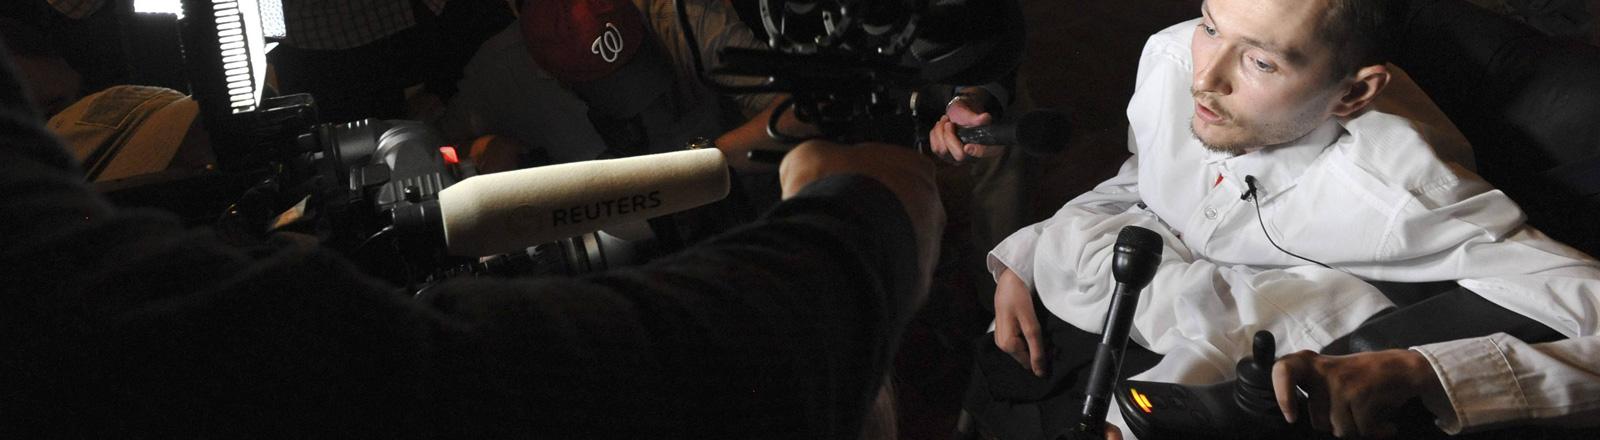 Waleri Spiridonow sitzt in einem Rollstuhl. Er ist umgeben von Journalisten, die ihm Mikrofone vor das Gesicht halten.